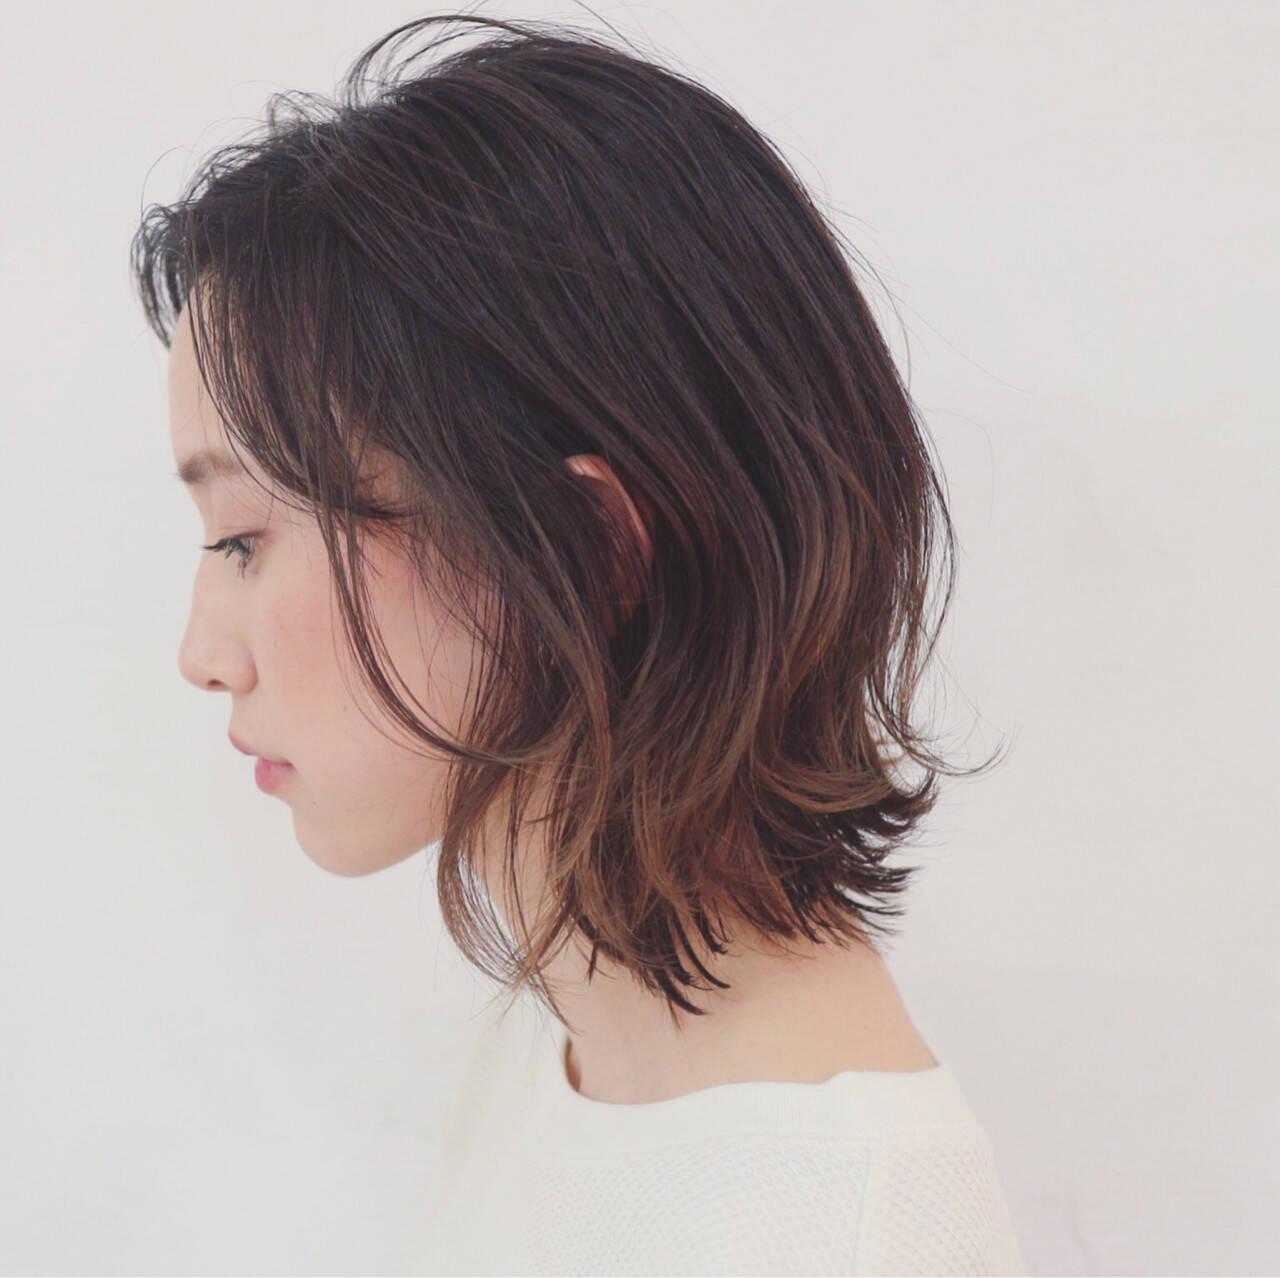 簡単ヘアアレンジ グラデーションカラー ナチュラル ボブヘアスタイルや髪型の写真・画像